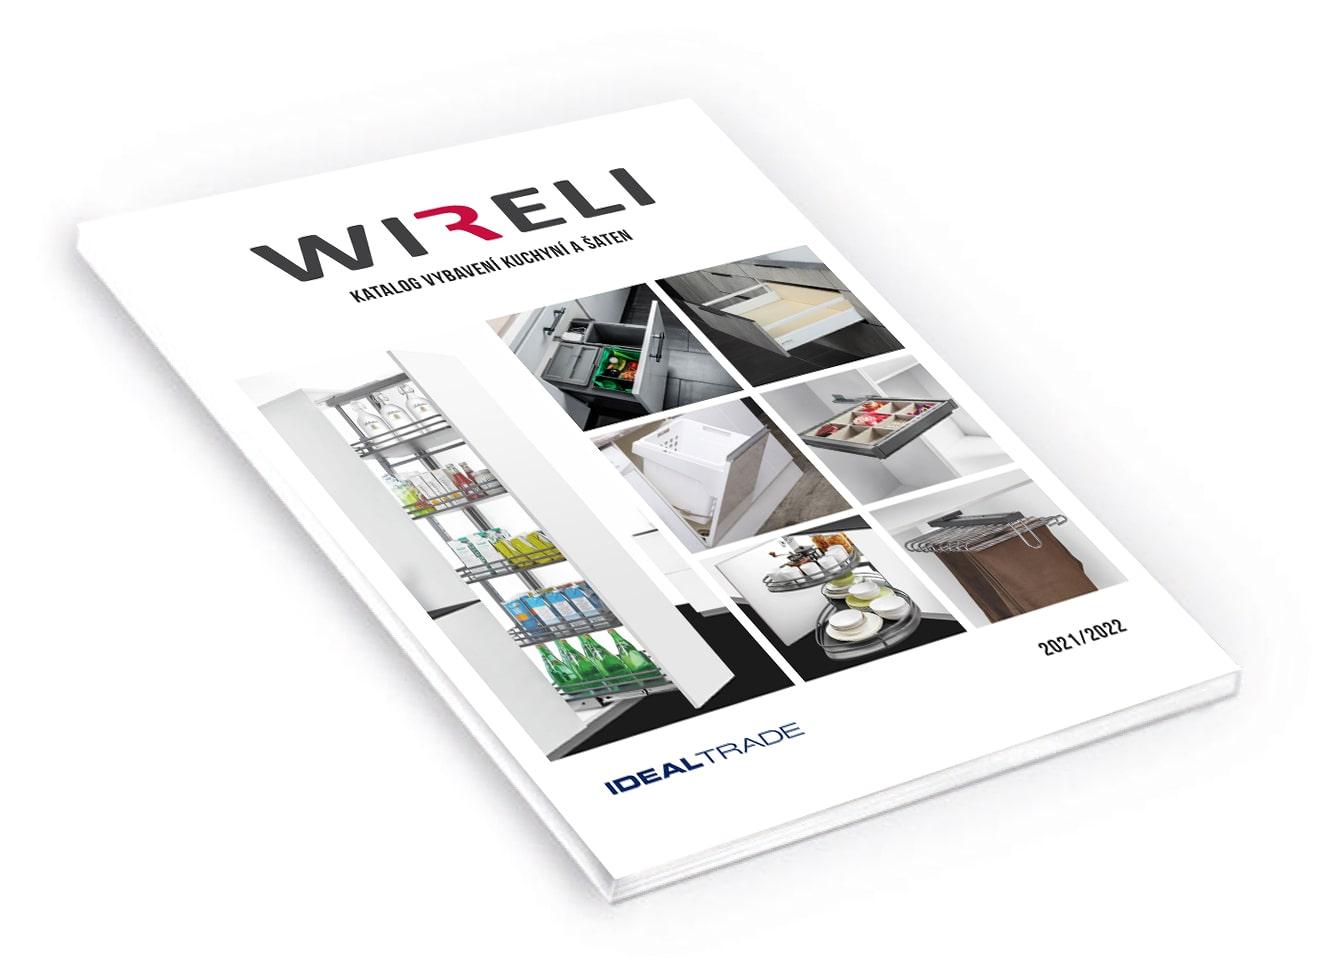 Katalog nábytkového kování Wireli